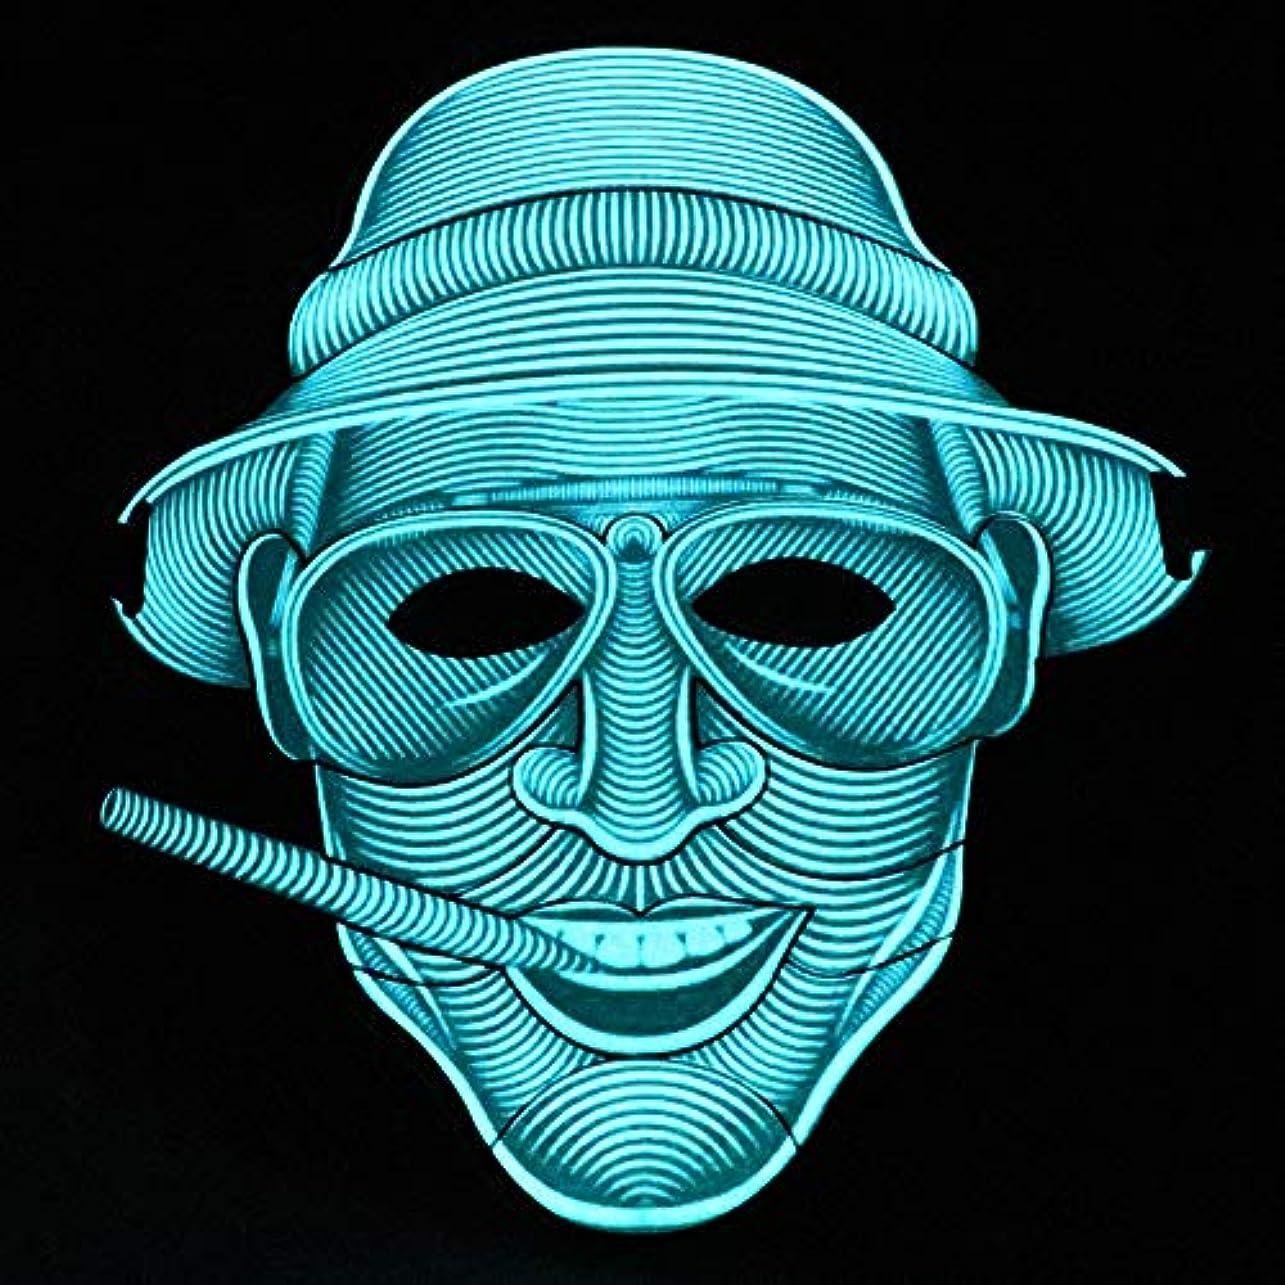 窒息させる樹皮命令照らされたマスクLED創造的な冷光音響制御マスクハロウィンバーフェスティバルダンスマスク (Color : #6)